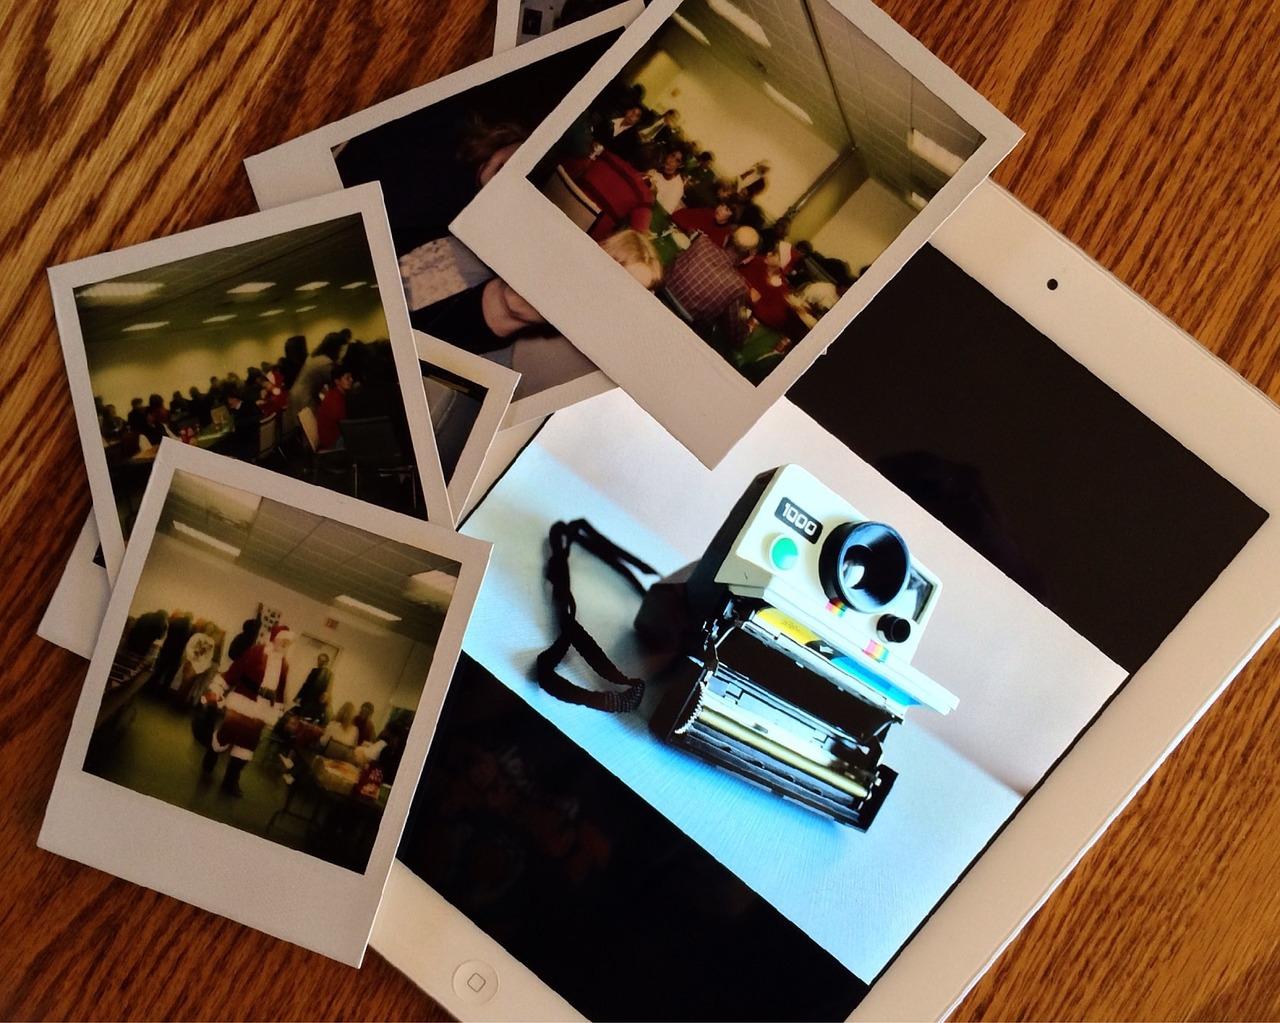 Aplicaciones para crear vídeos con fotos en tu smartphone